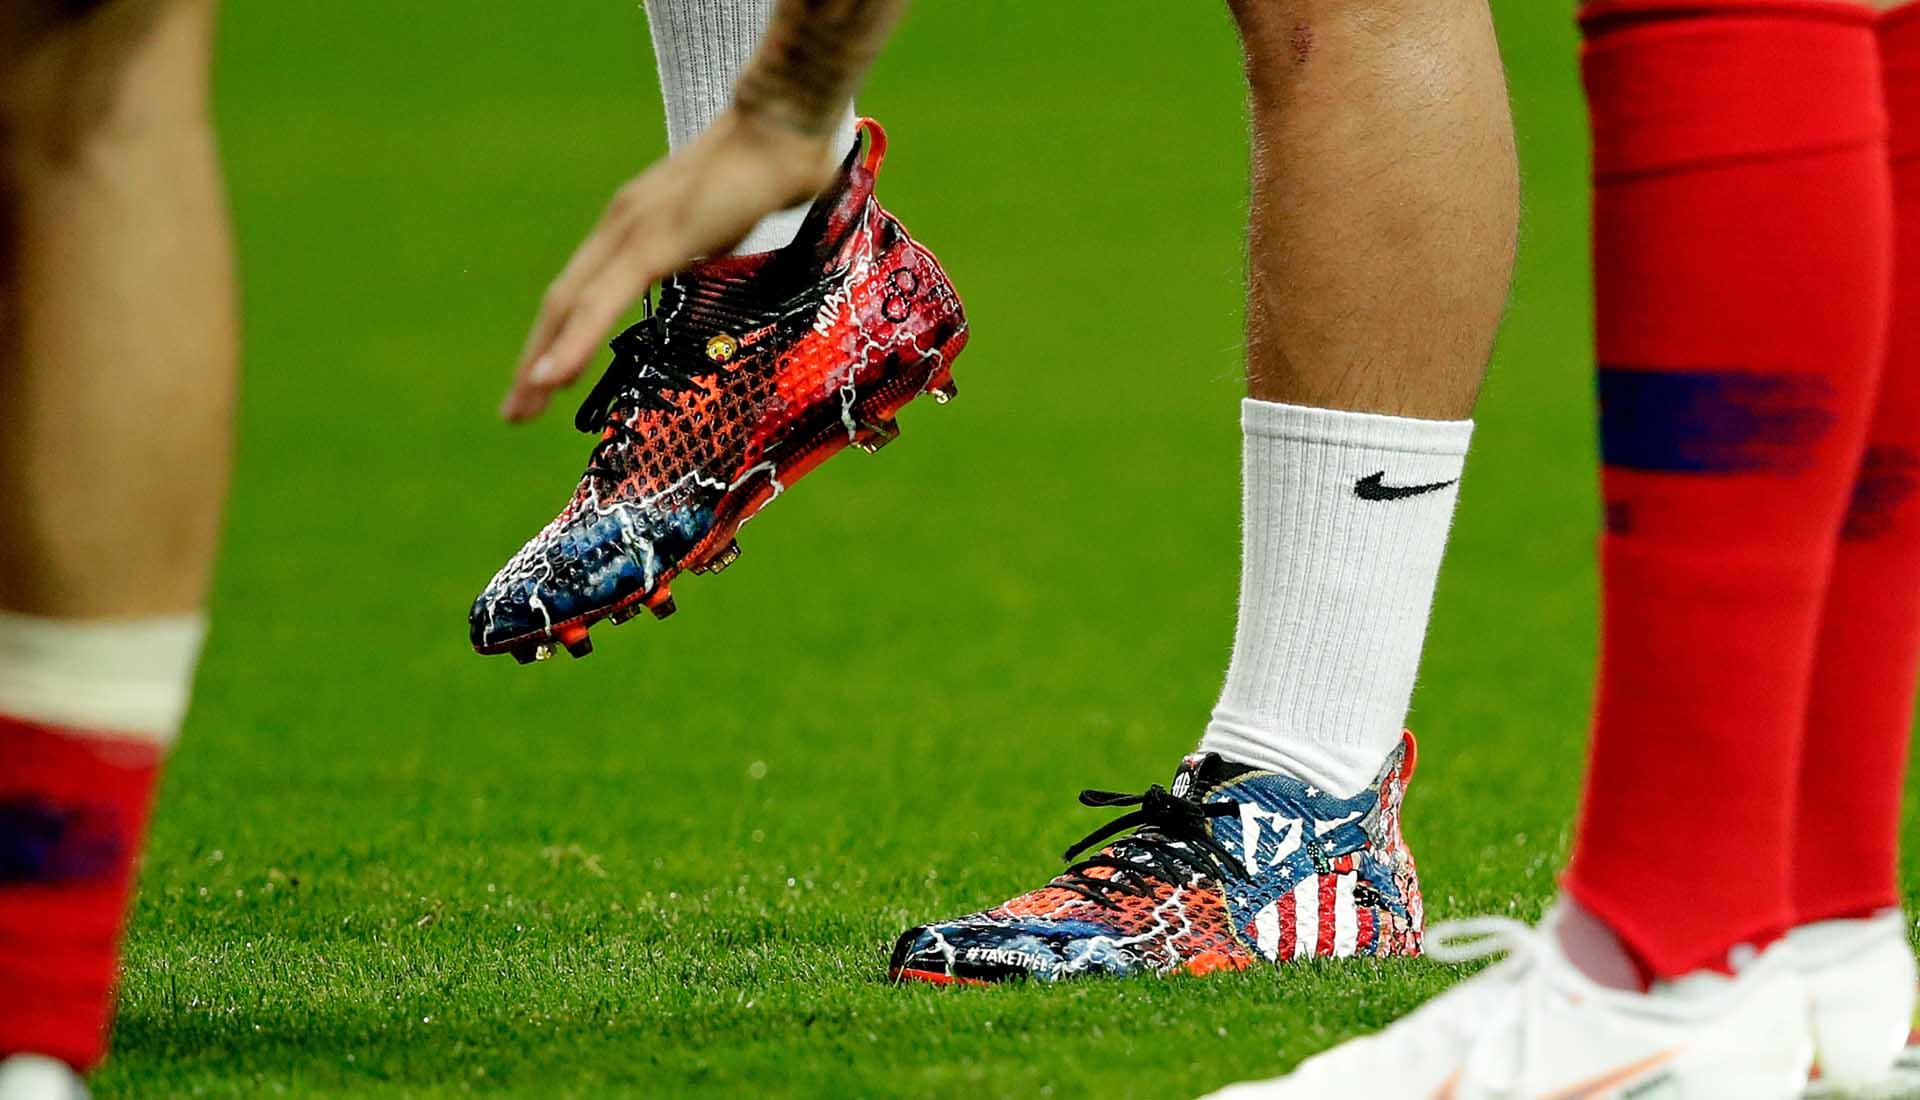 Sử dụng và bảo quản giày đá bóng đúng cách sẽ giúp giày giữ được độ bền cao hơn